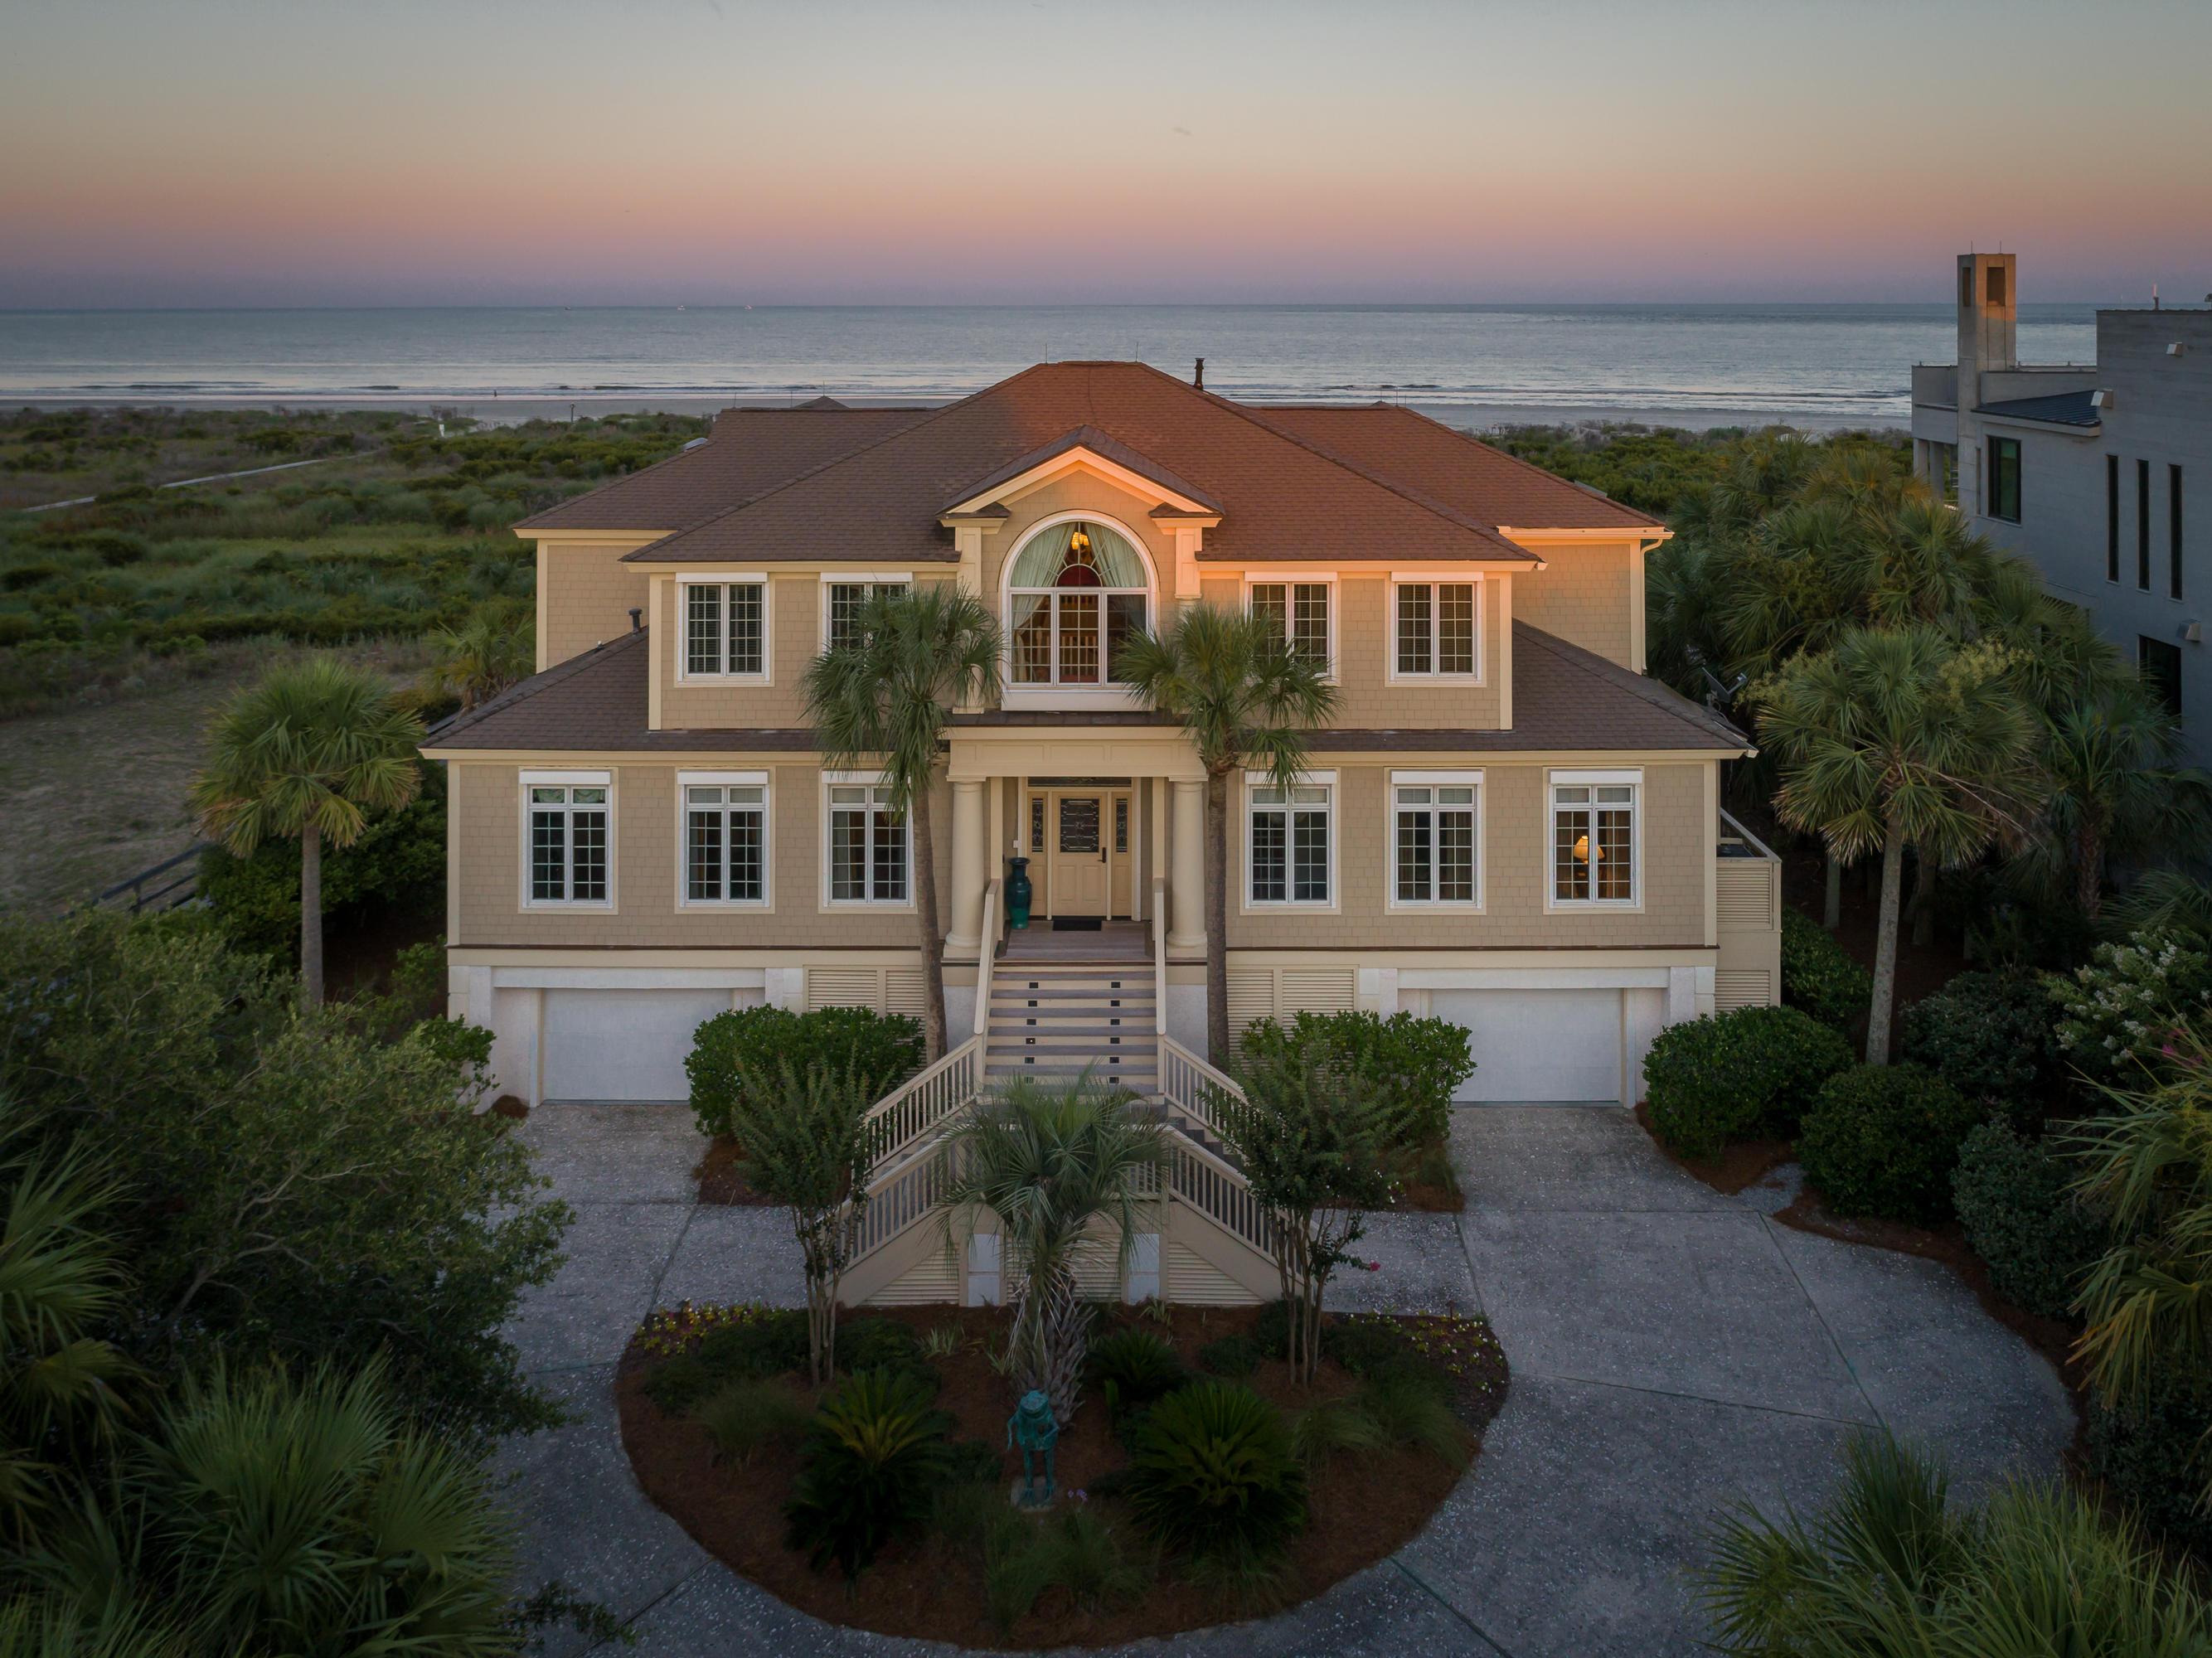 Seabrook Island Homes For Sale - 3640 Pompano, Seabrook Island, SC - 74